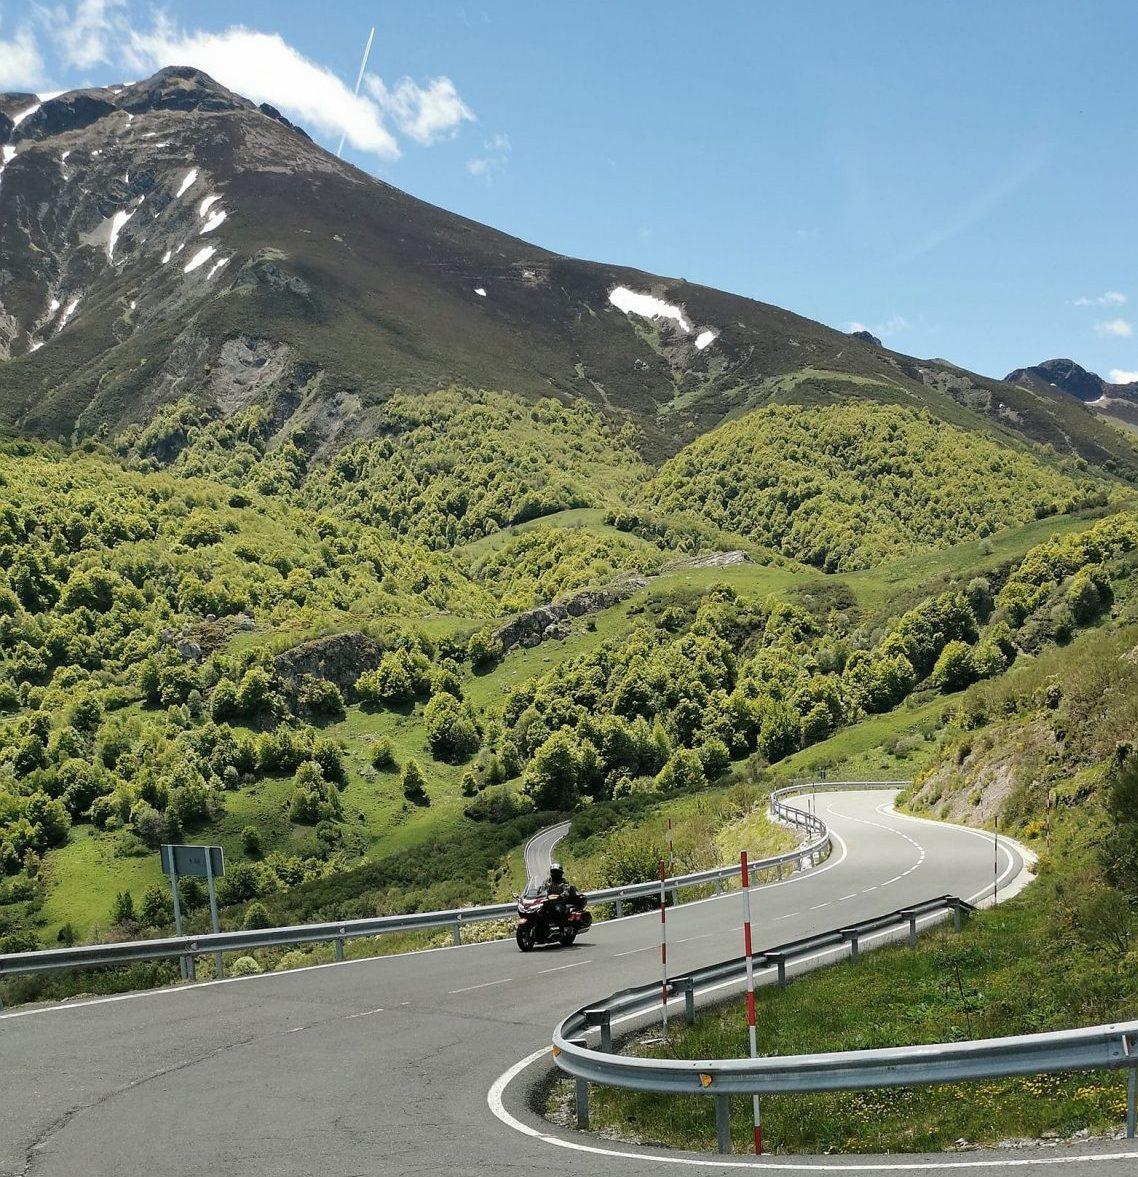 picos de europa mountain range